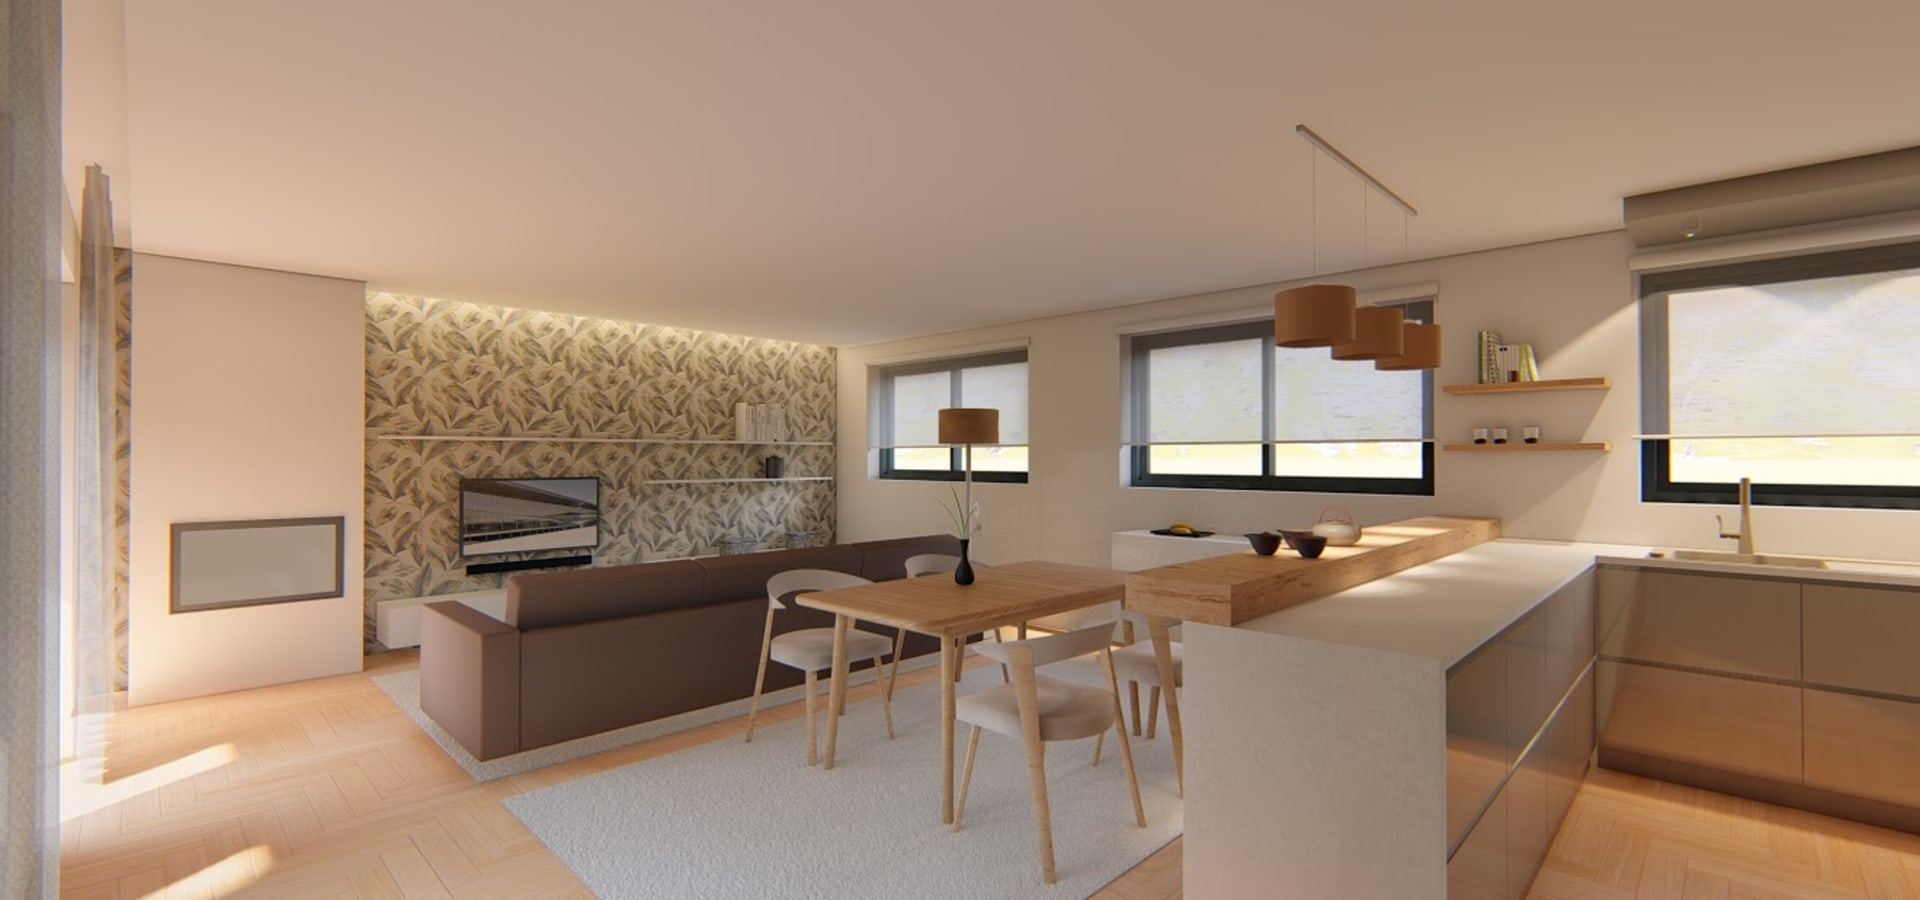 7eva design  – Arquitectura e Interiores